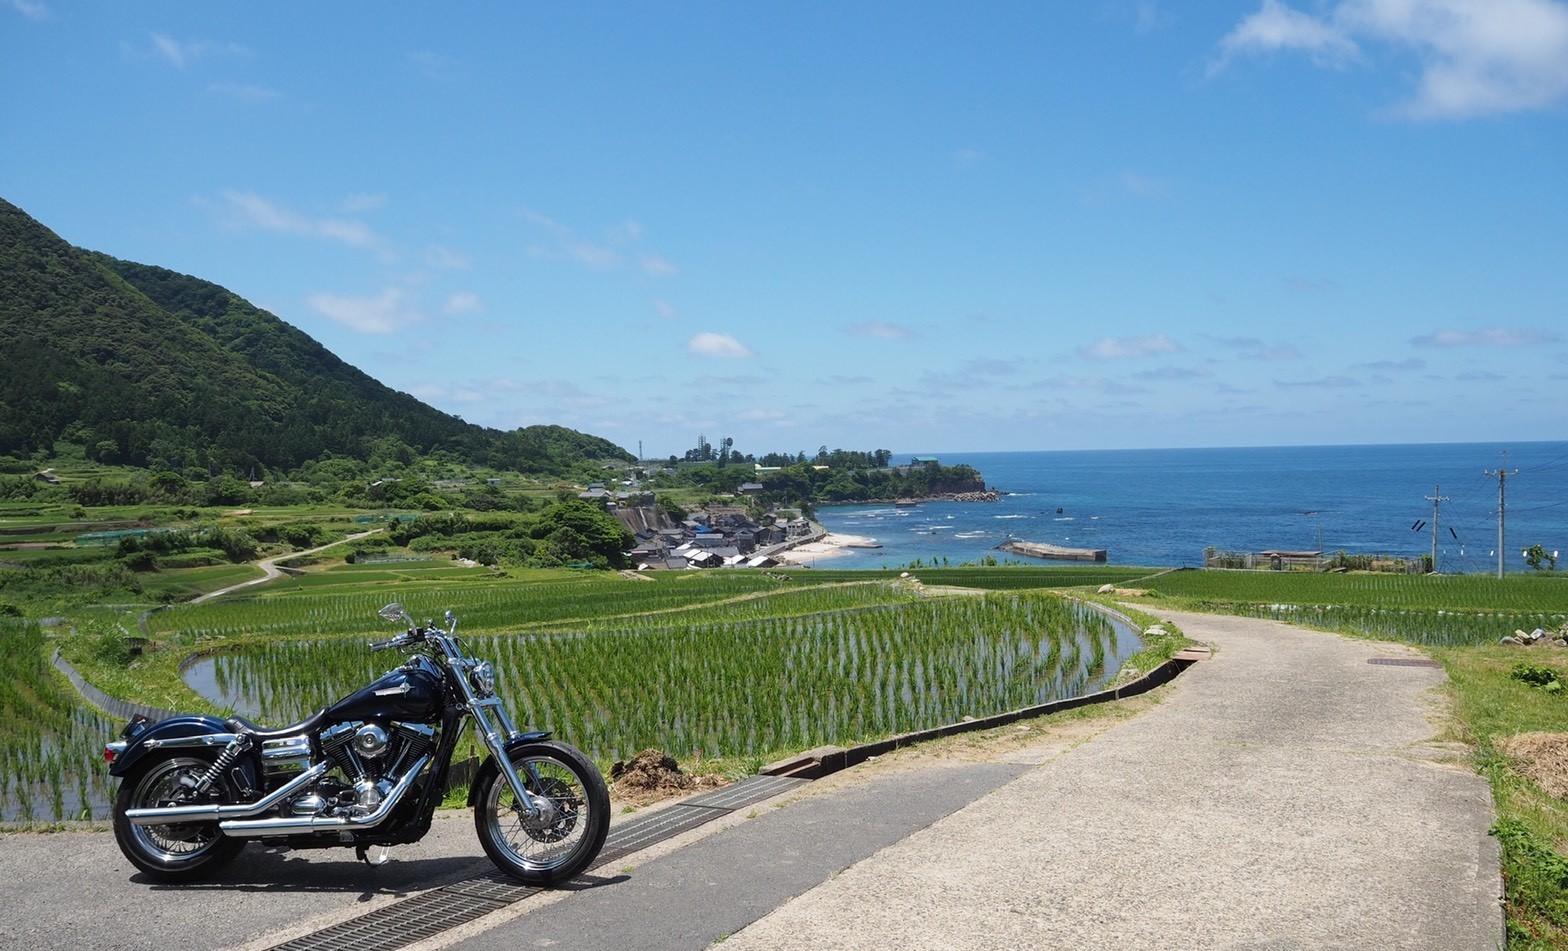 ぴーきち&ダイナ ハーレーブログ 京都丹後半島ツーリンング 袖志の棚田 美しい景色